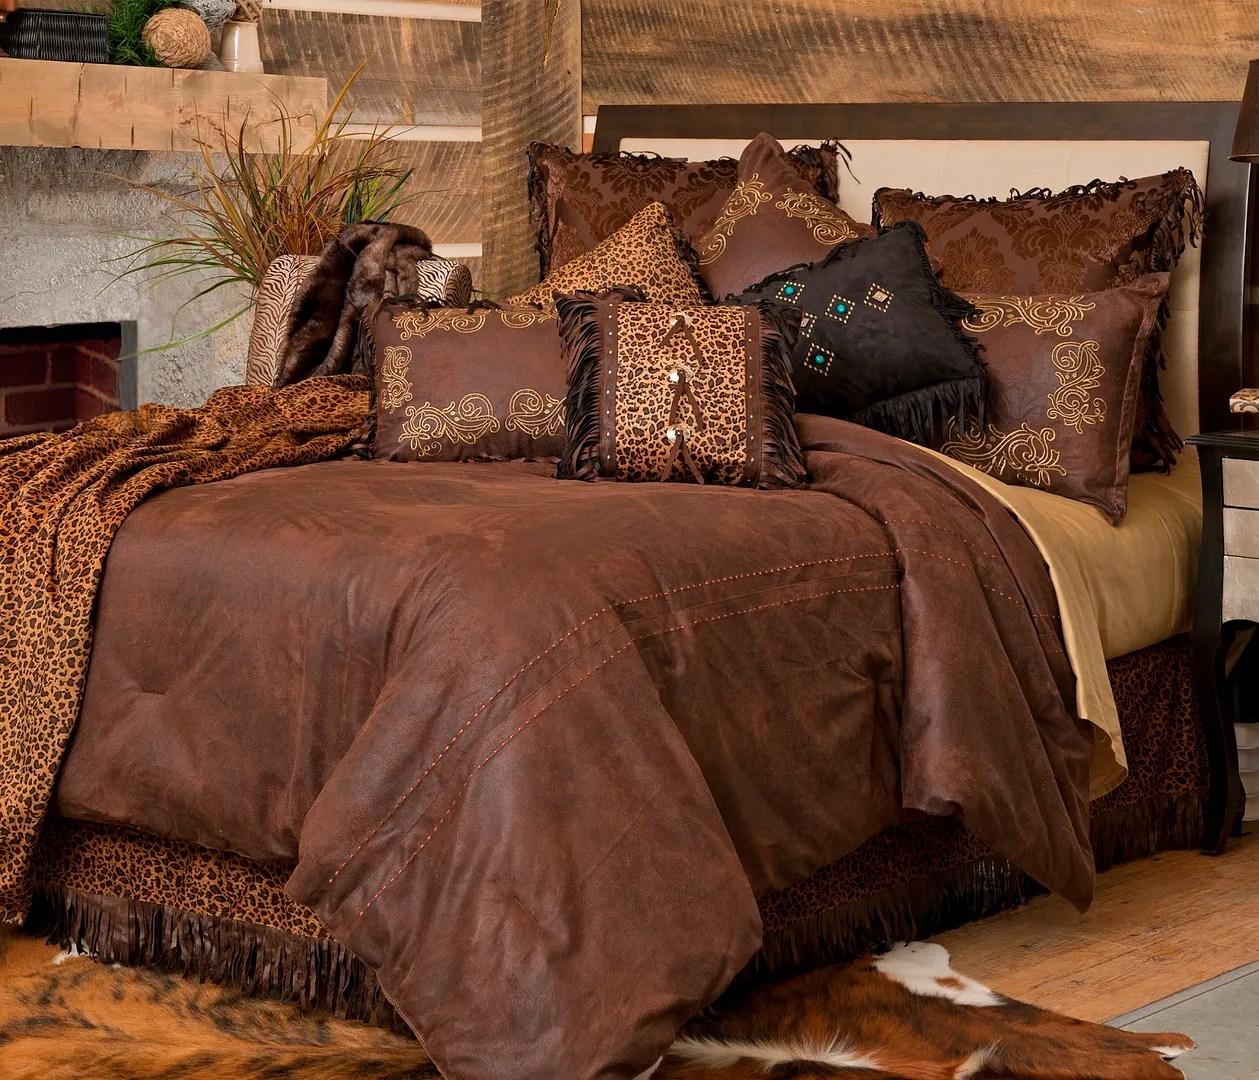 Western Bedding Set Bed Comforter Twin Queen King Rustic